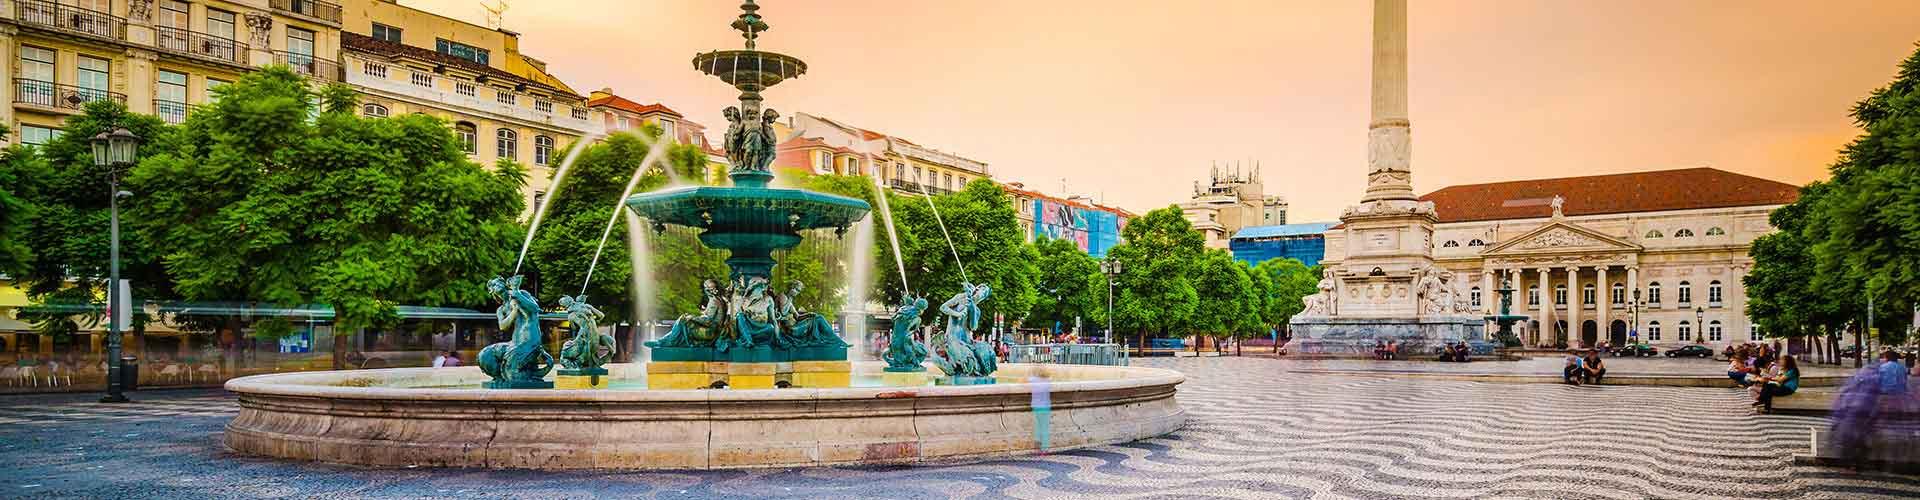 Lisabon - Hostelů ve čtvrti Baixa. Mapy pro Lisabon, fotky a recenze pro každý hostel v Lisabon.